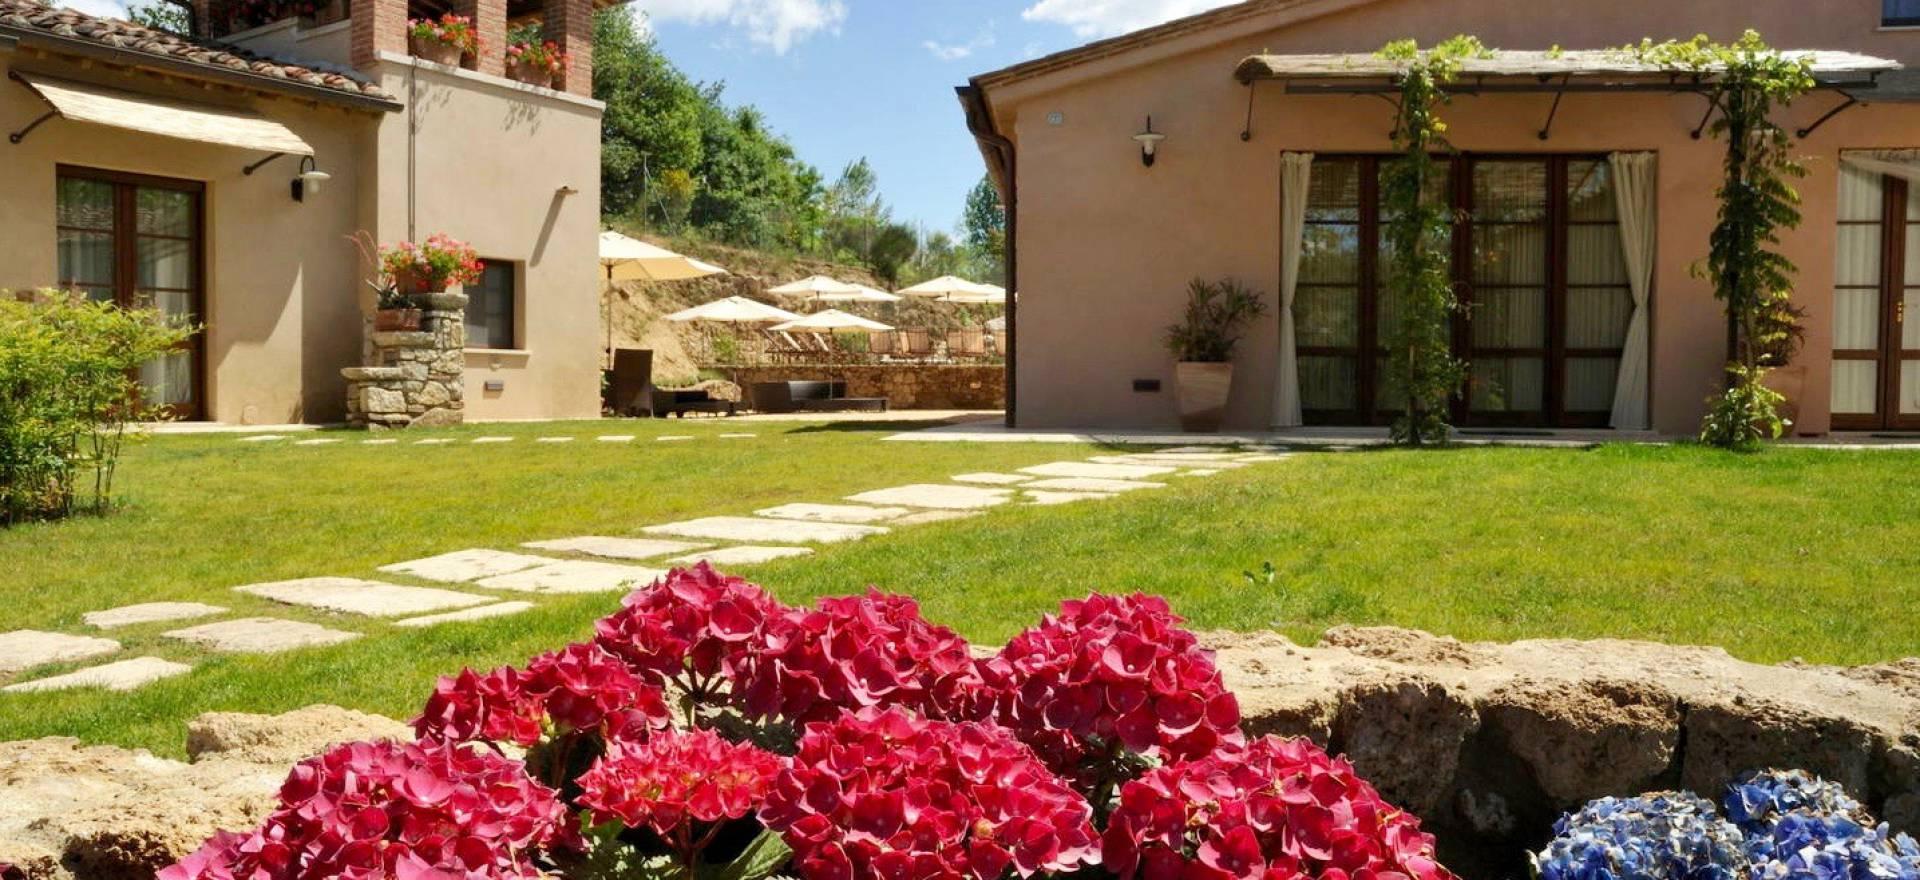 Luxe agriturismo tussen Siena en Arezzo in Toscane